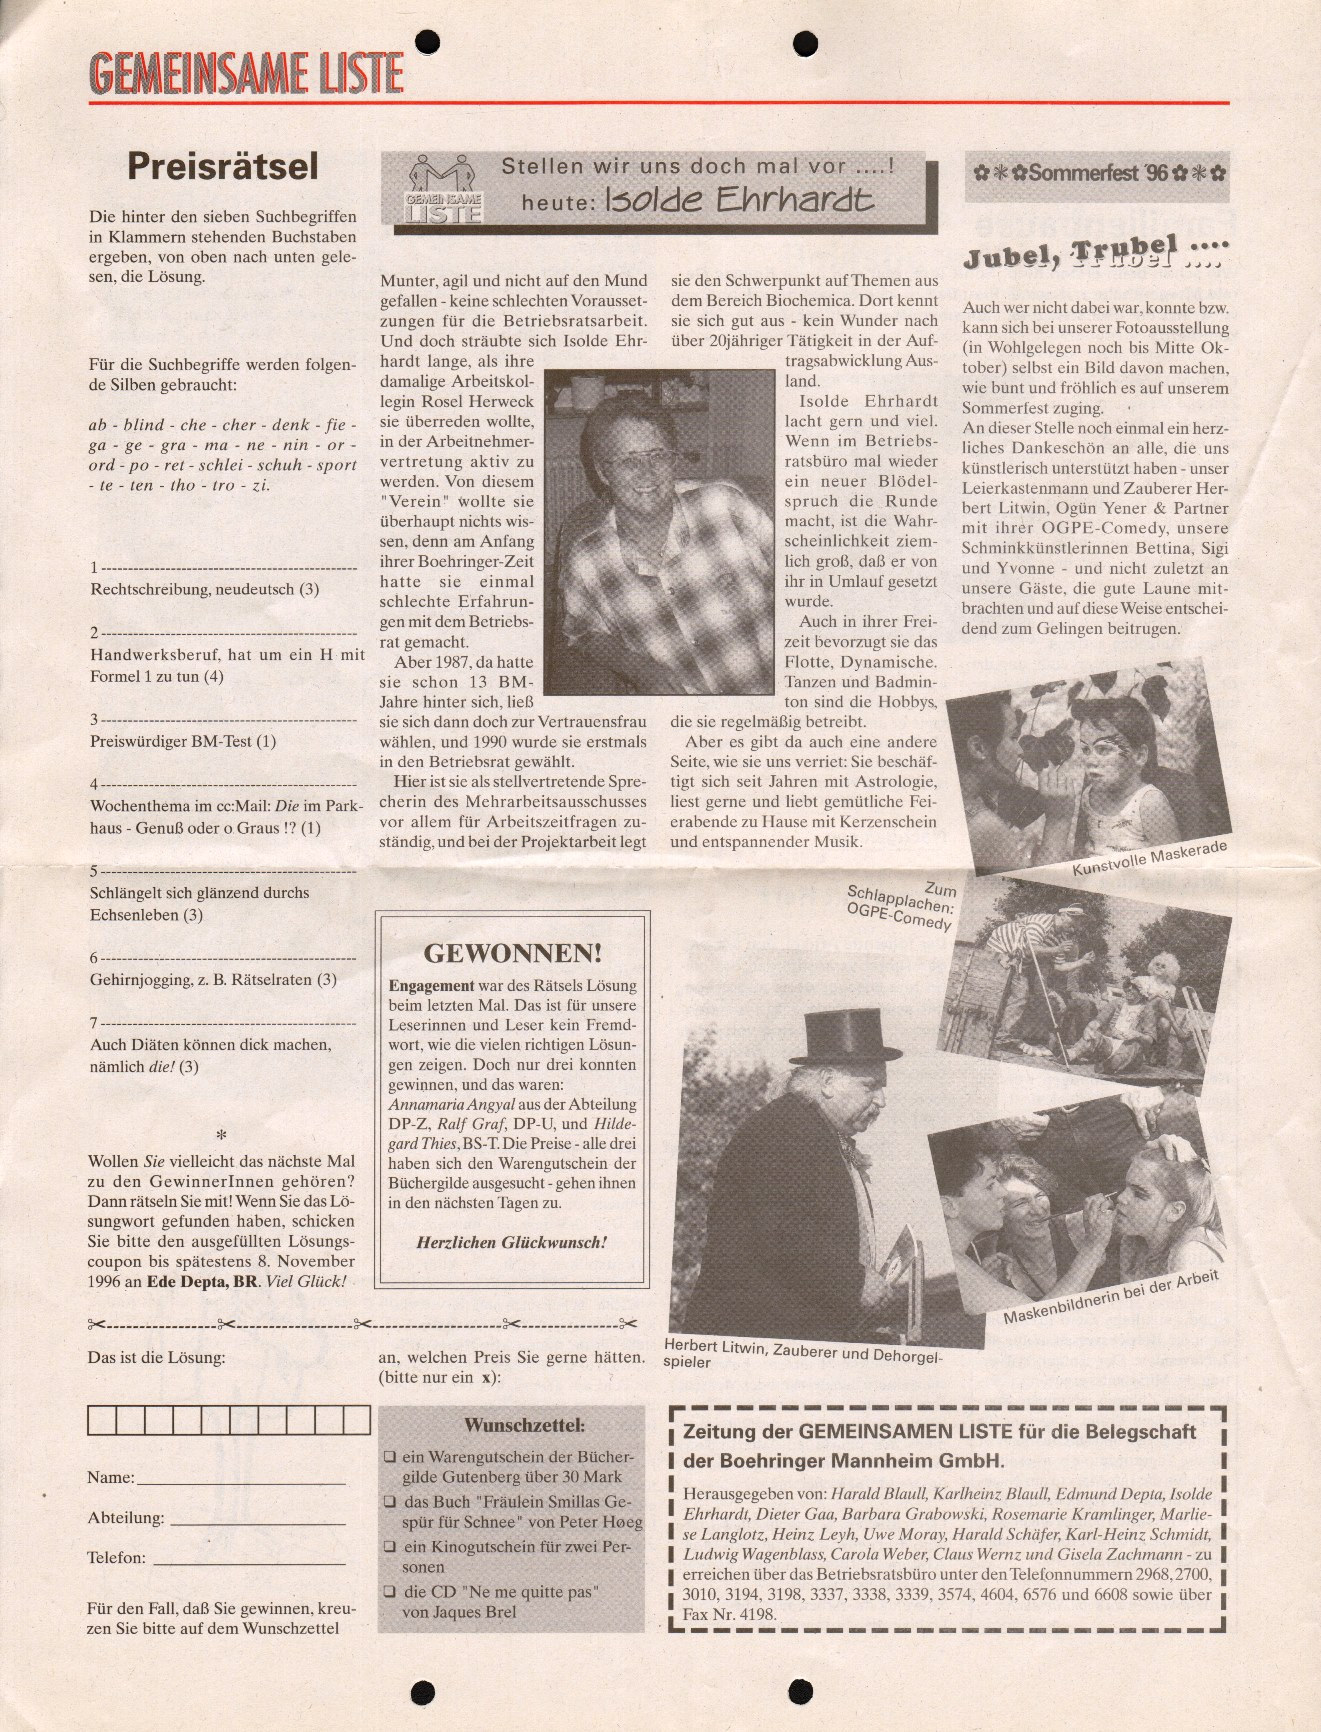 Mannheim_Boehringer_Gemeinsame_Liste_1996_02_04